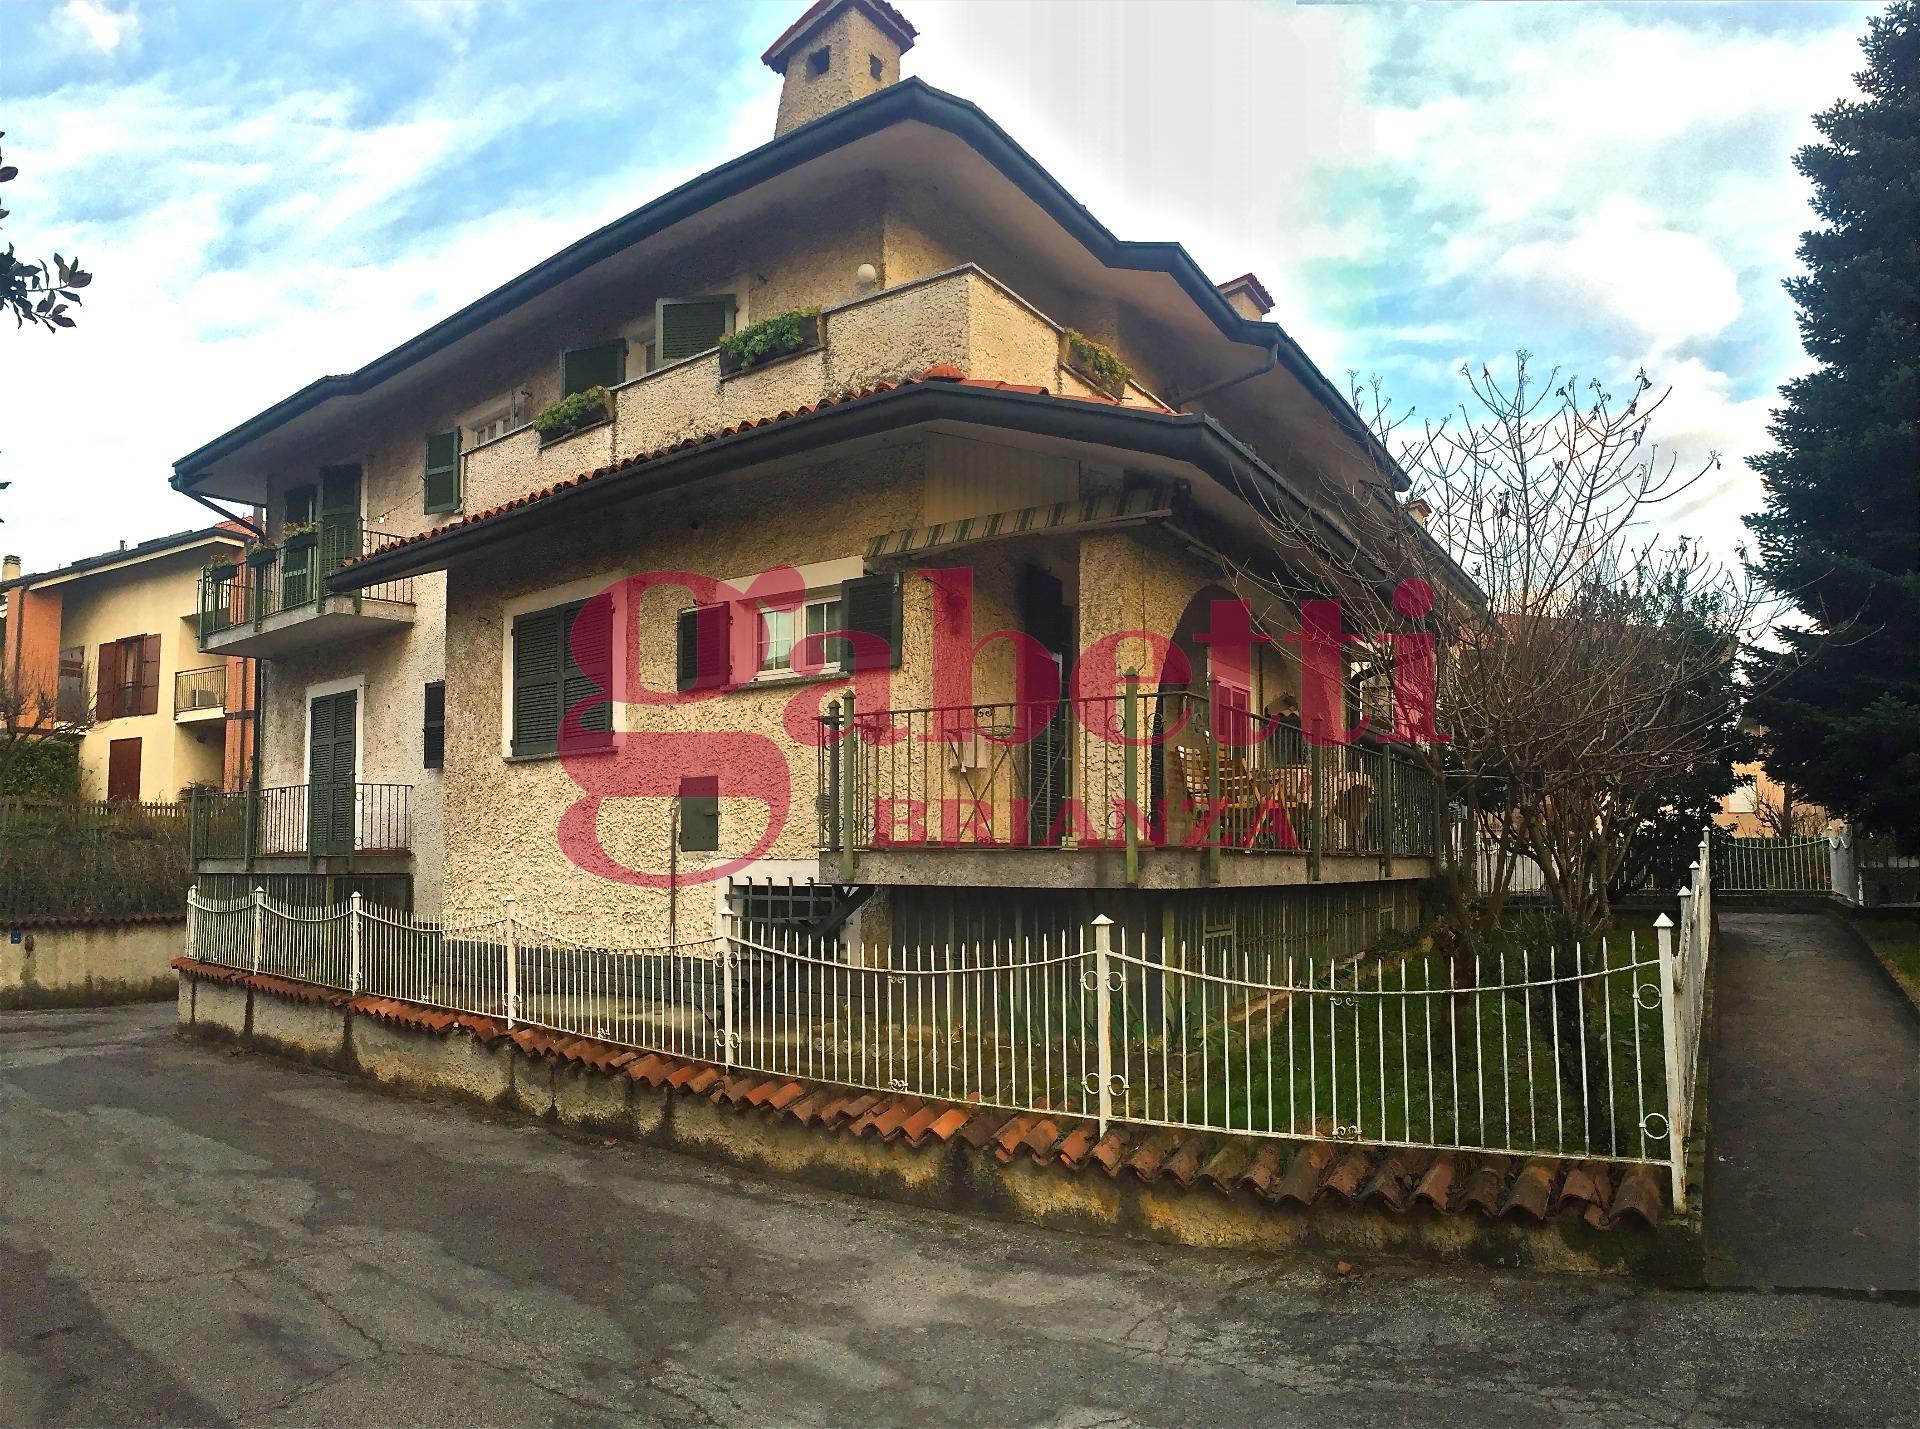 Appartamento in vendita a Carnate, 3 locali, zona Località: Carnateinferiore, prezzo € 135.000 | Cambio Casa.it